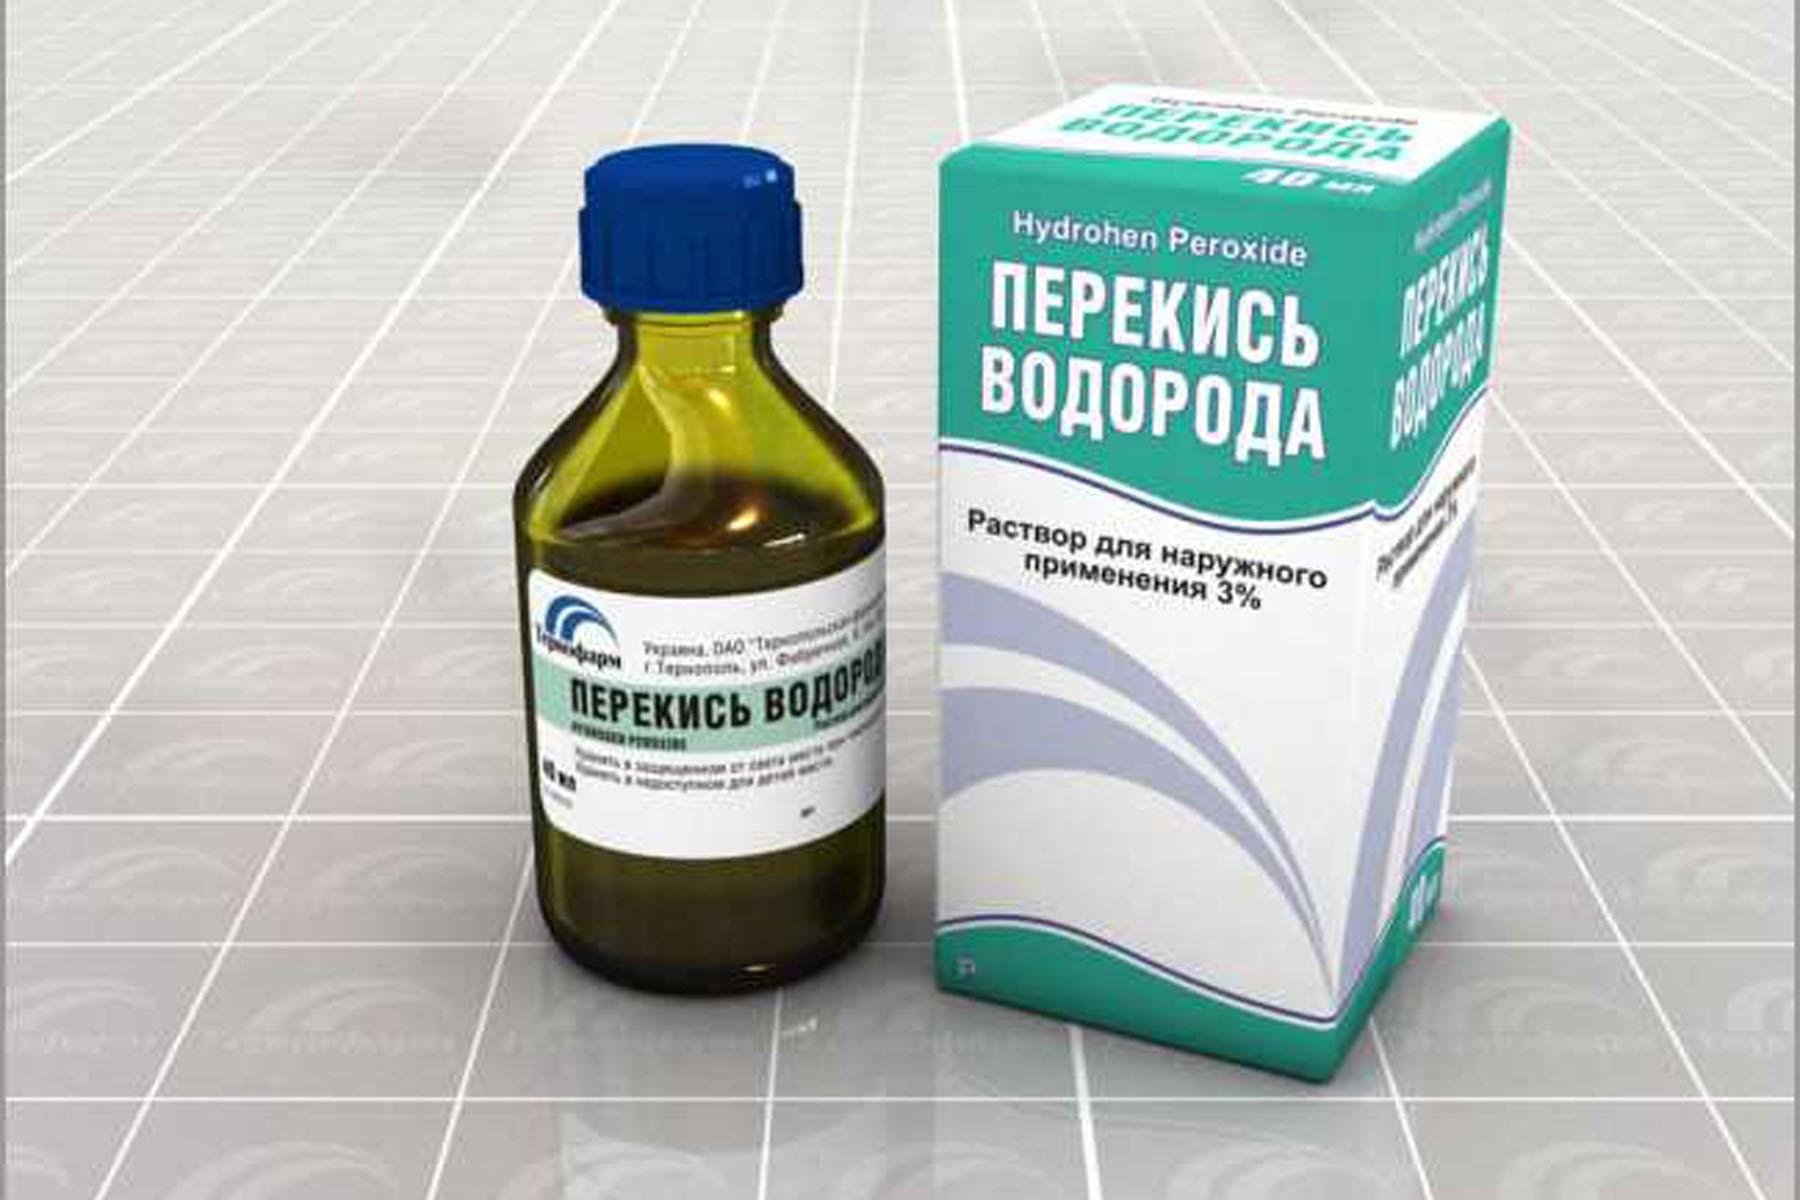 Перекись водорода можно купить в ближайшей аптеке.